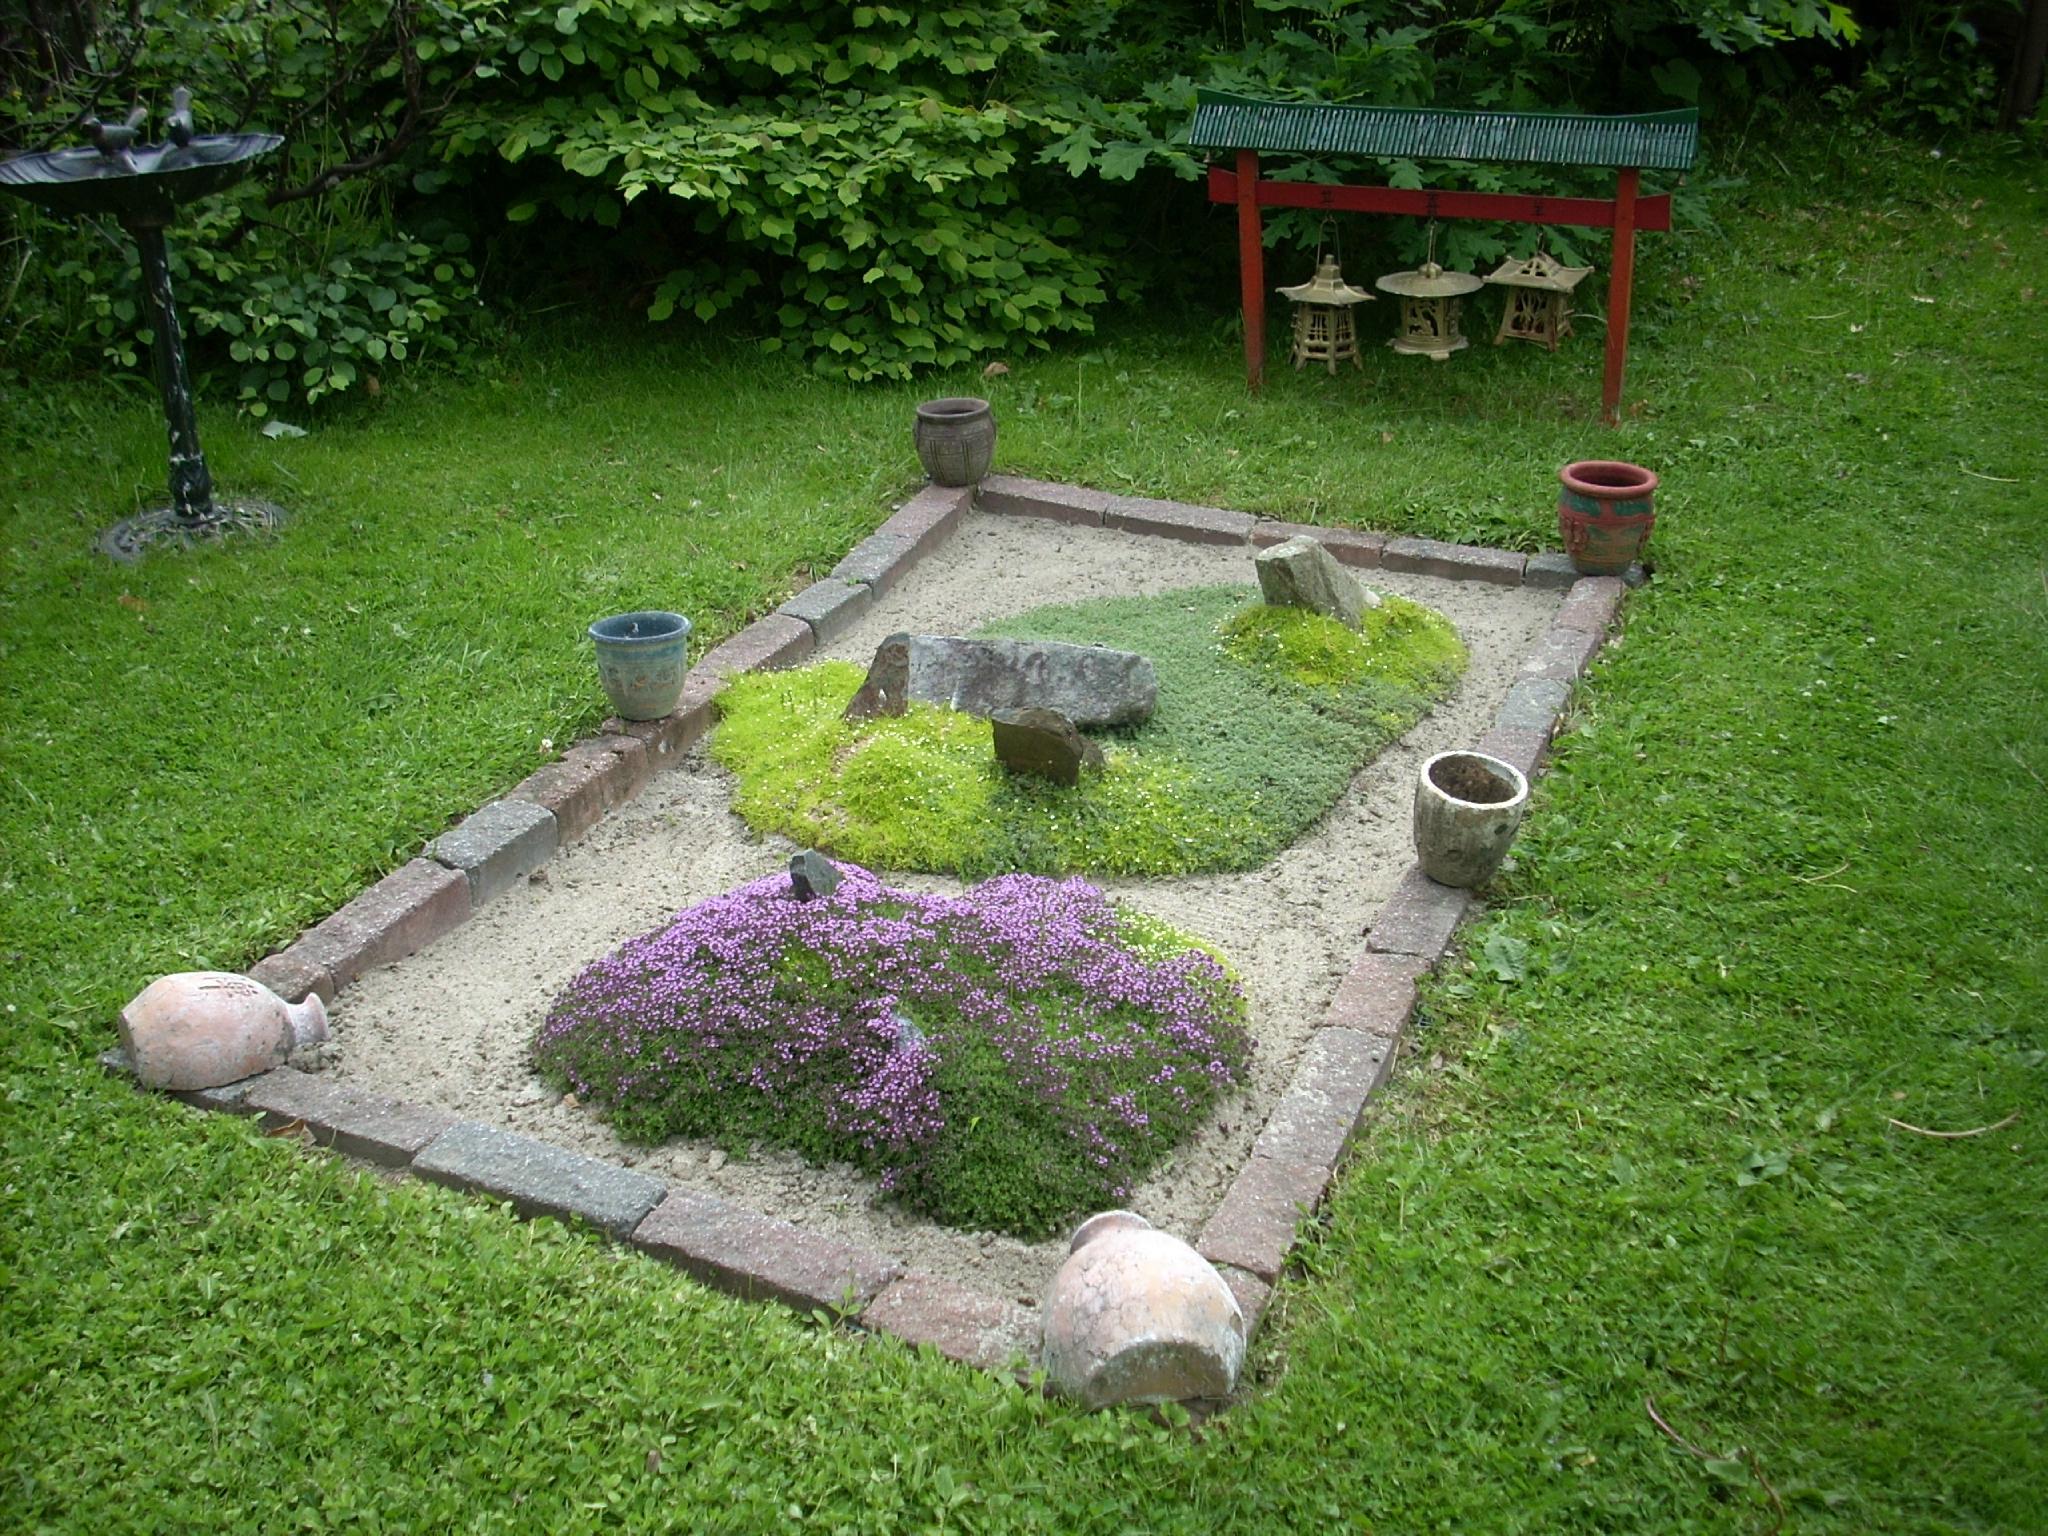 Un Petit Jardin Japonais Afin D`y Rajouter Un Peu Plus D ... encequiconcerne Petit Jardin Japonisant